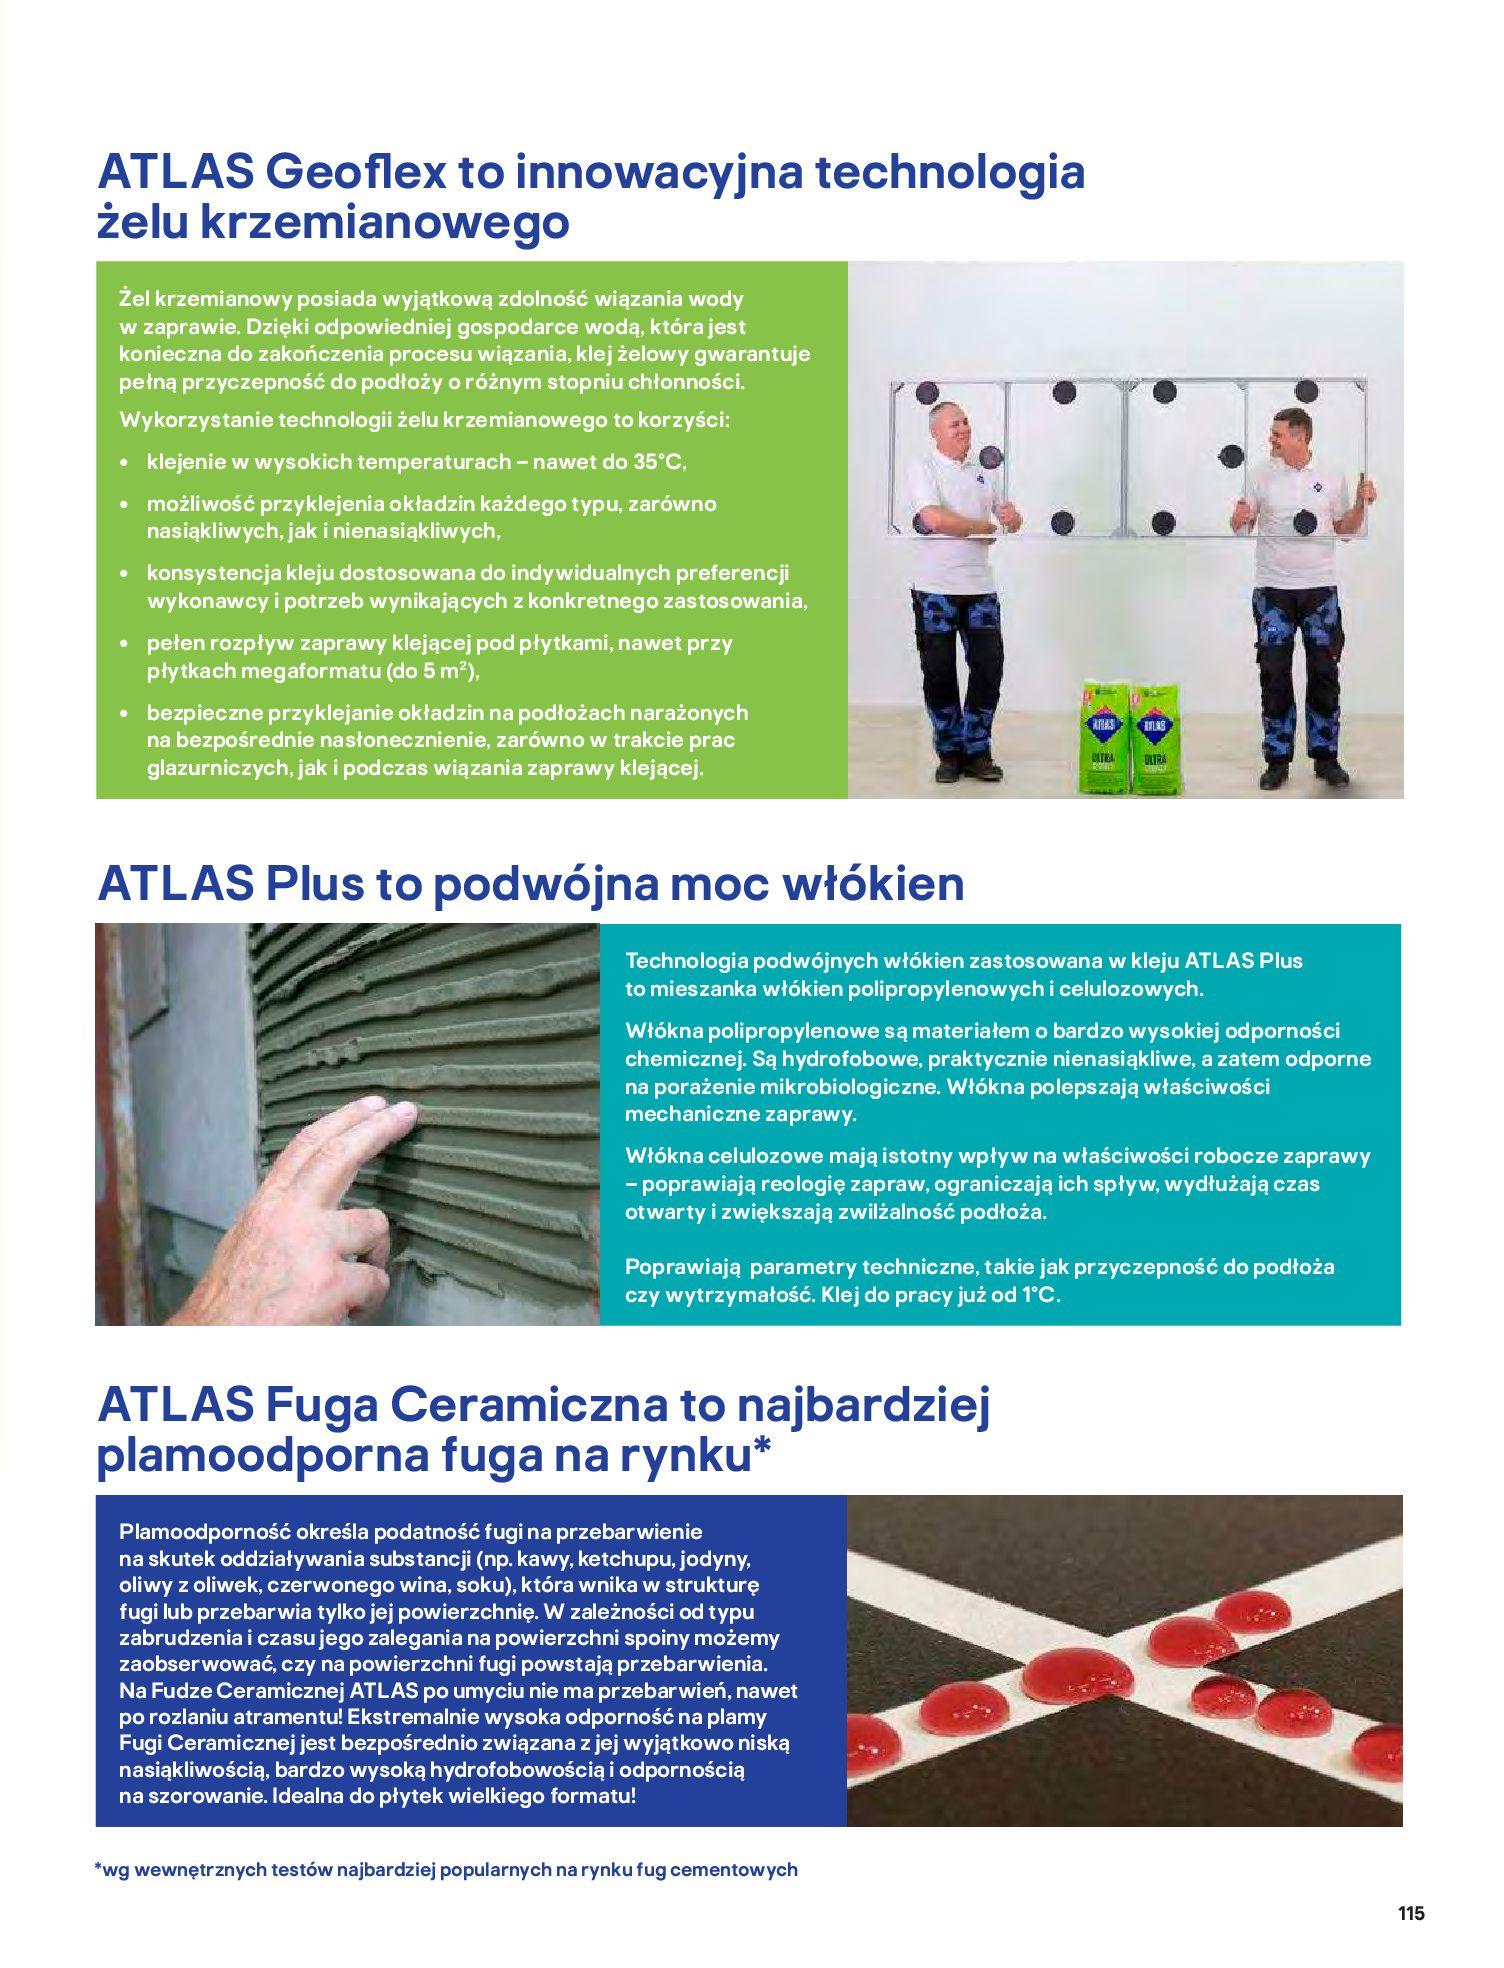 Gazetka Castorama: Gazetka Castorama - Przewodnik drzwi i podłogi 2021 2021-08-11 page-115